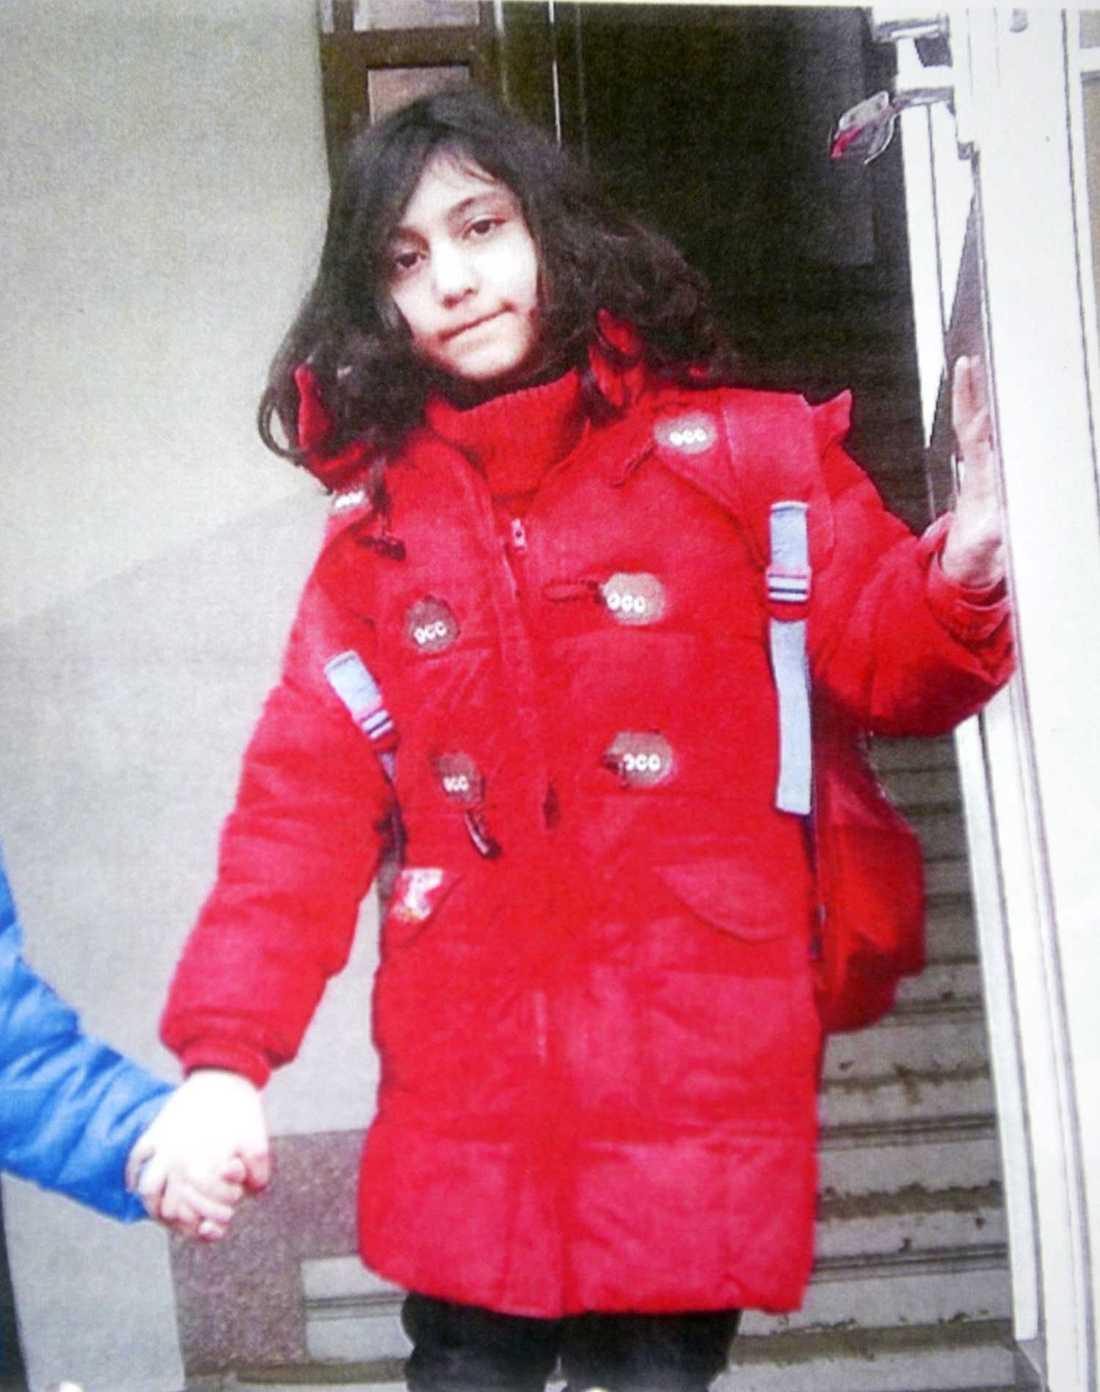 Bara timmar efter att den här bilden togs på lilla Yara misshandlades hon till döds.